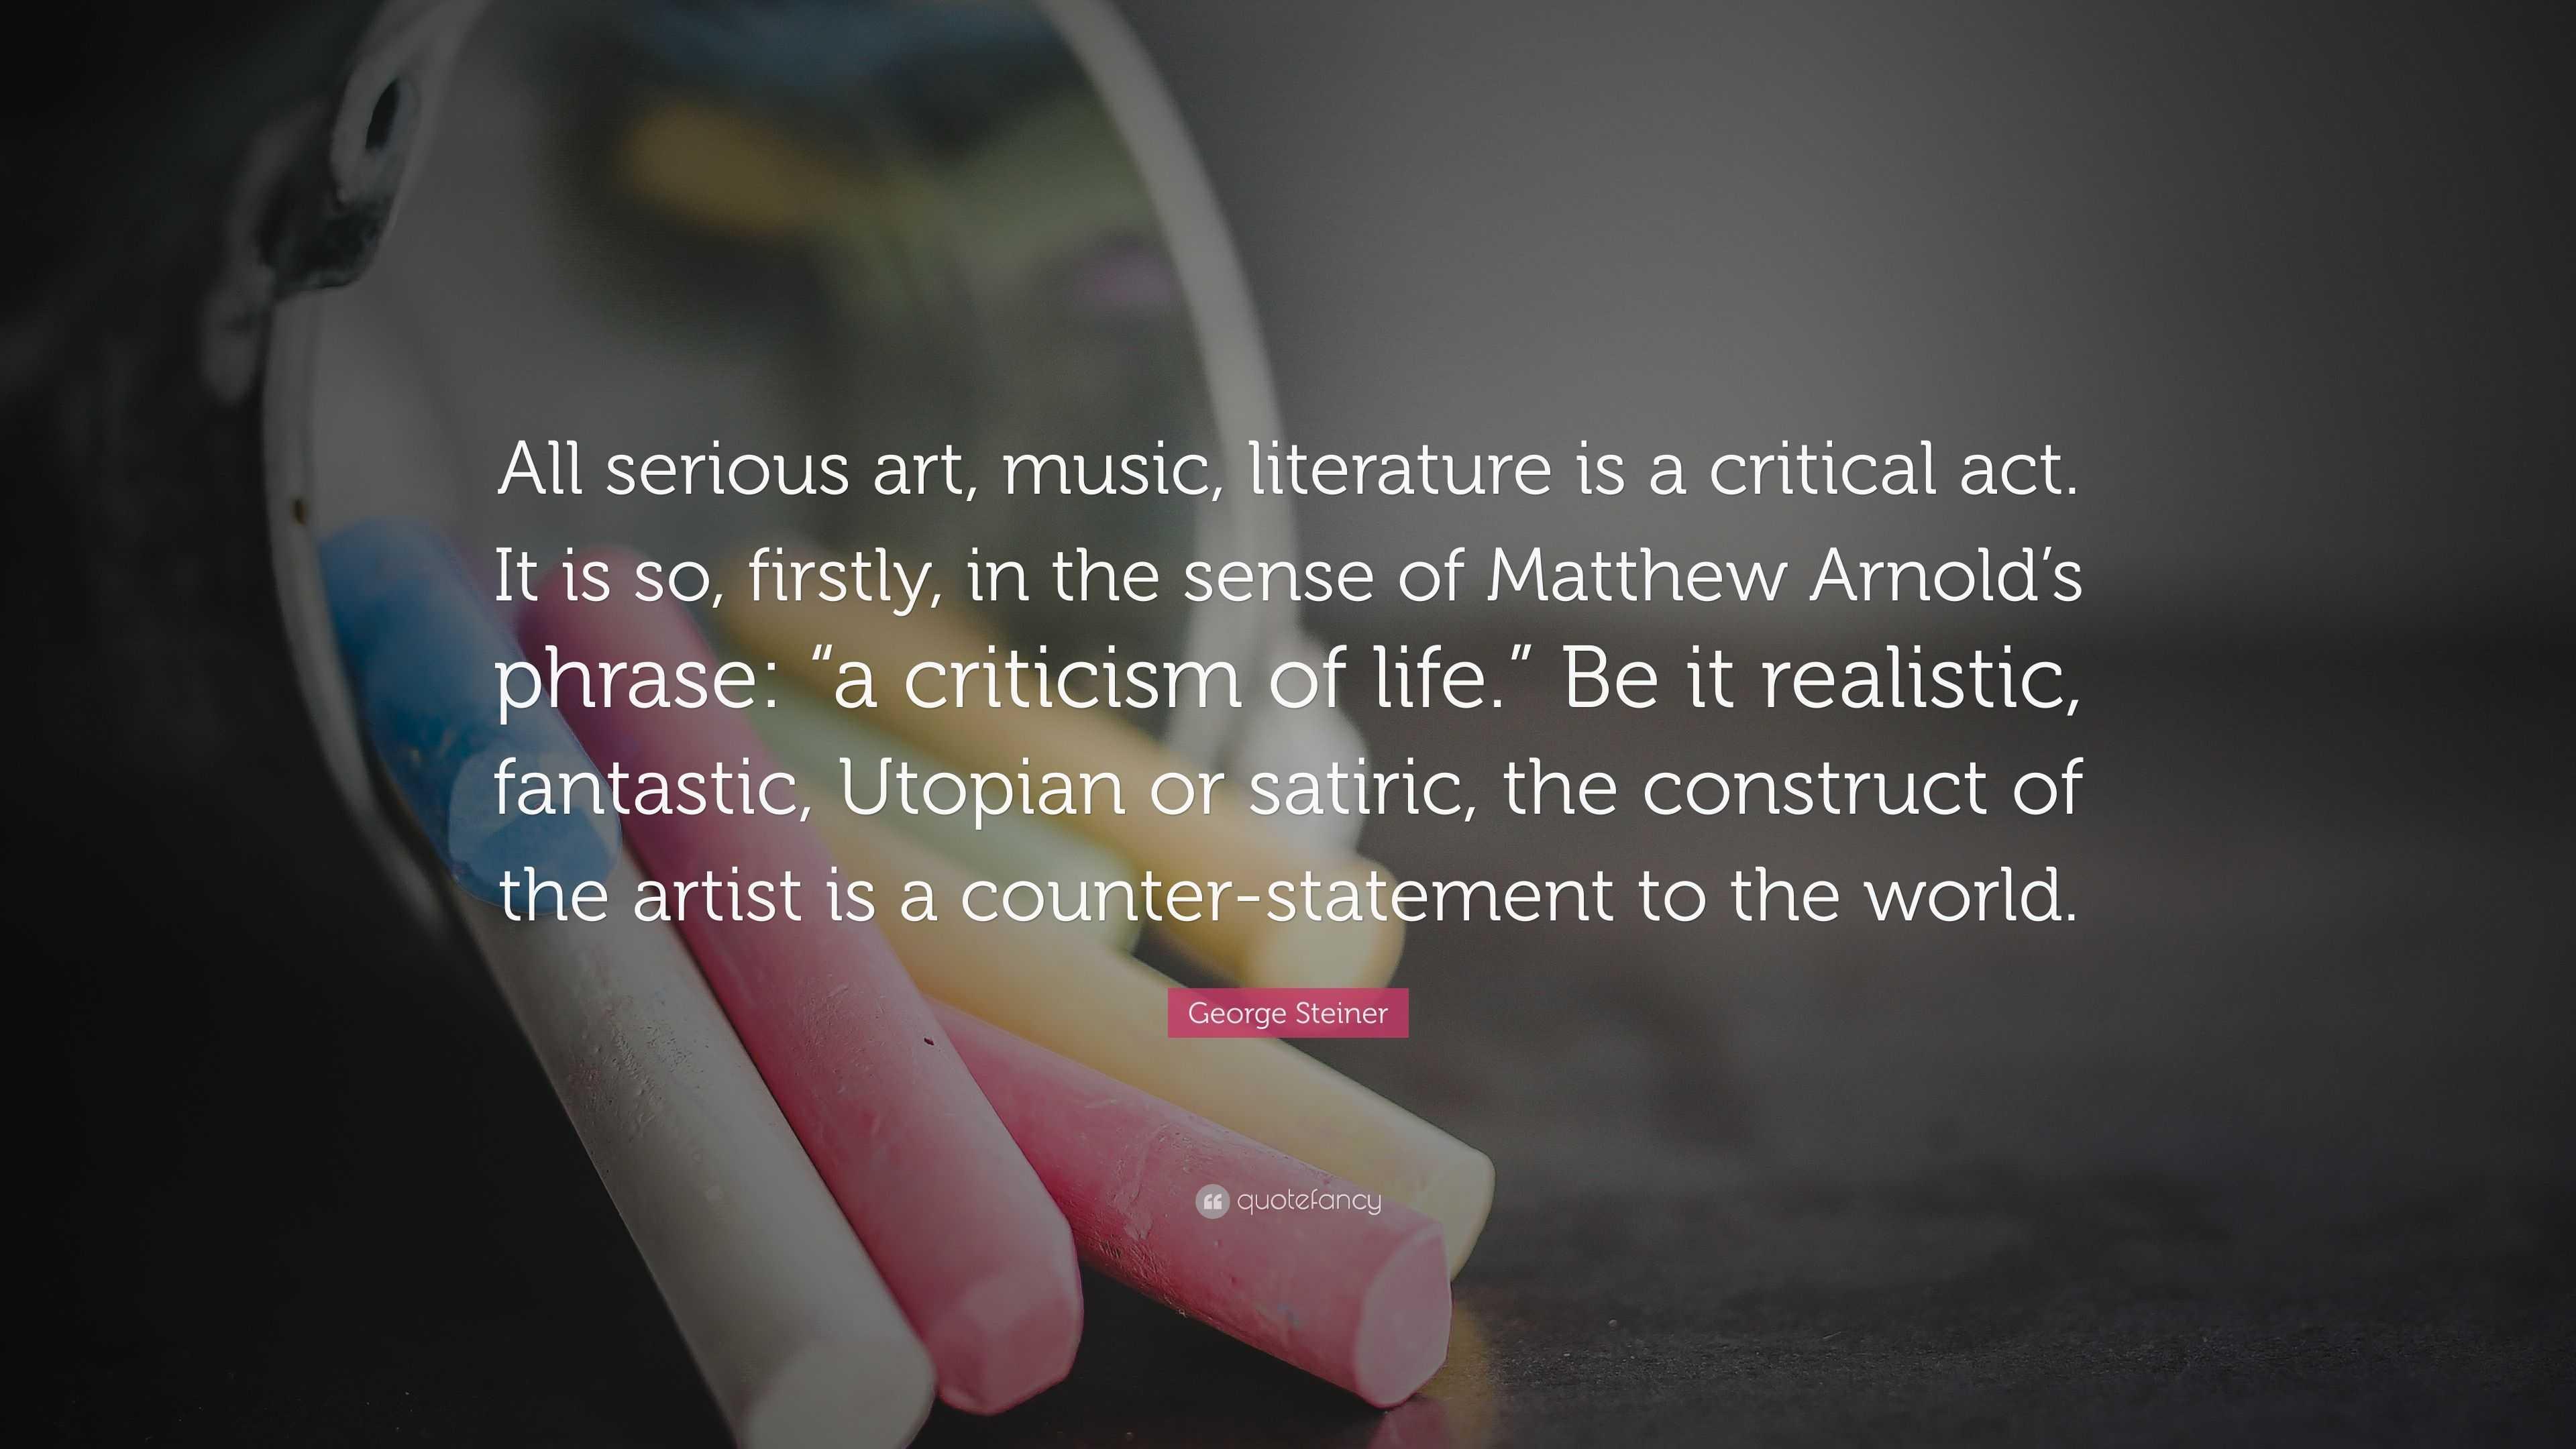 literature a criticism of life